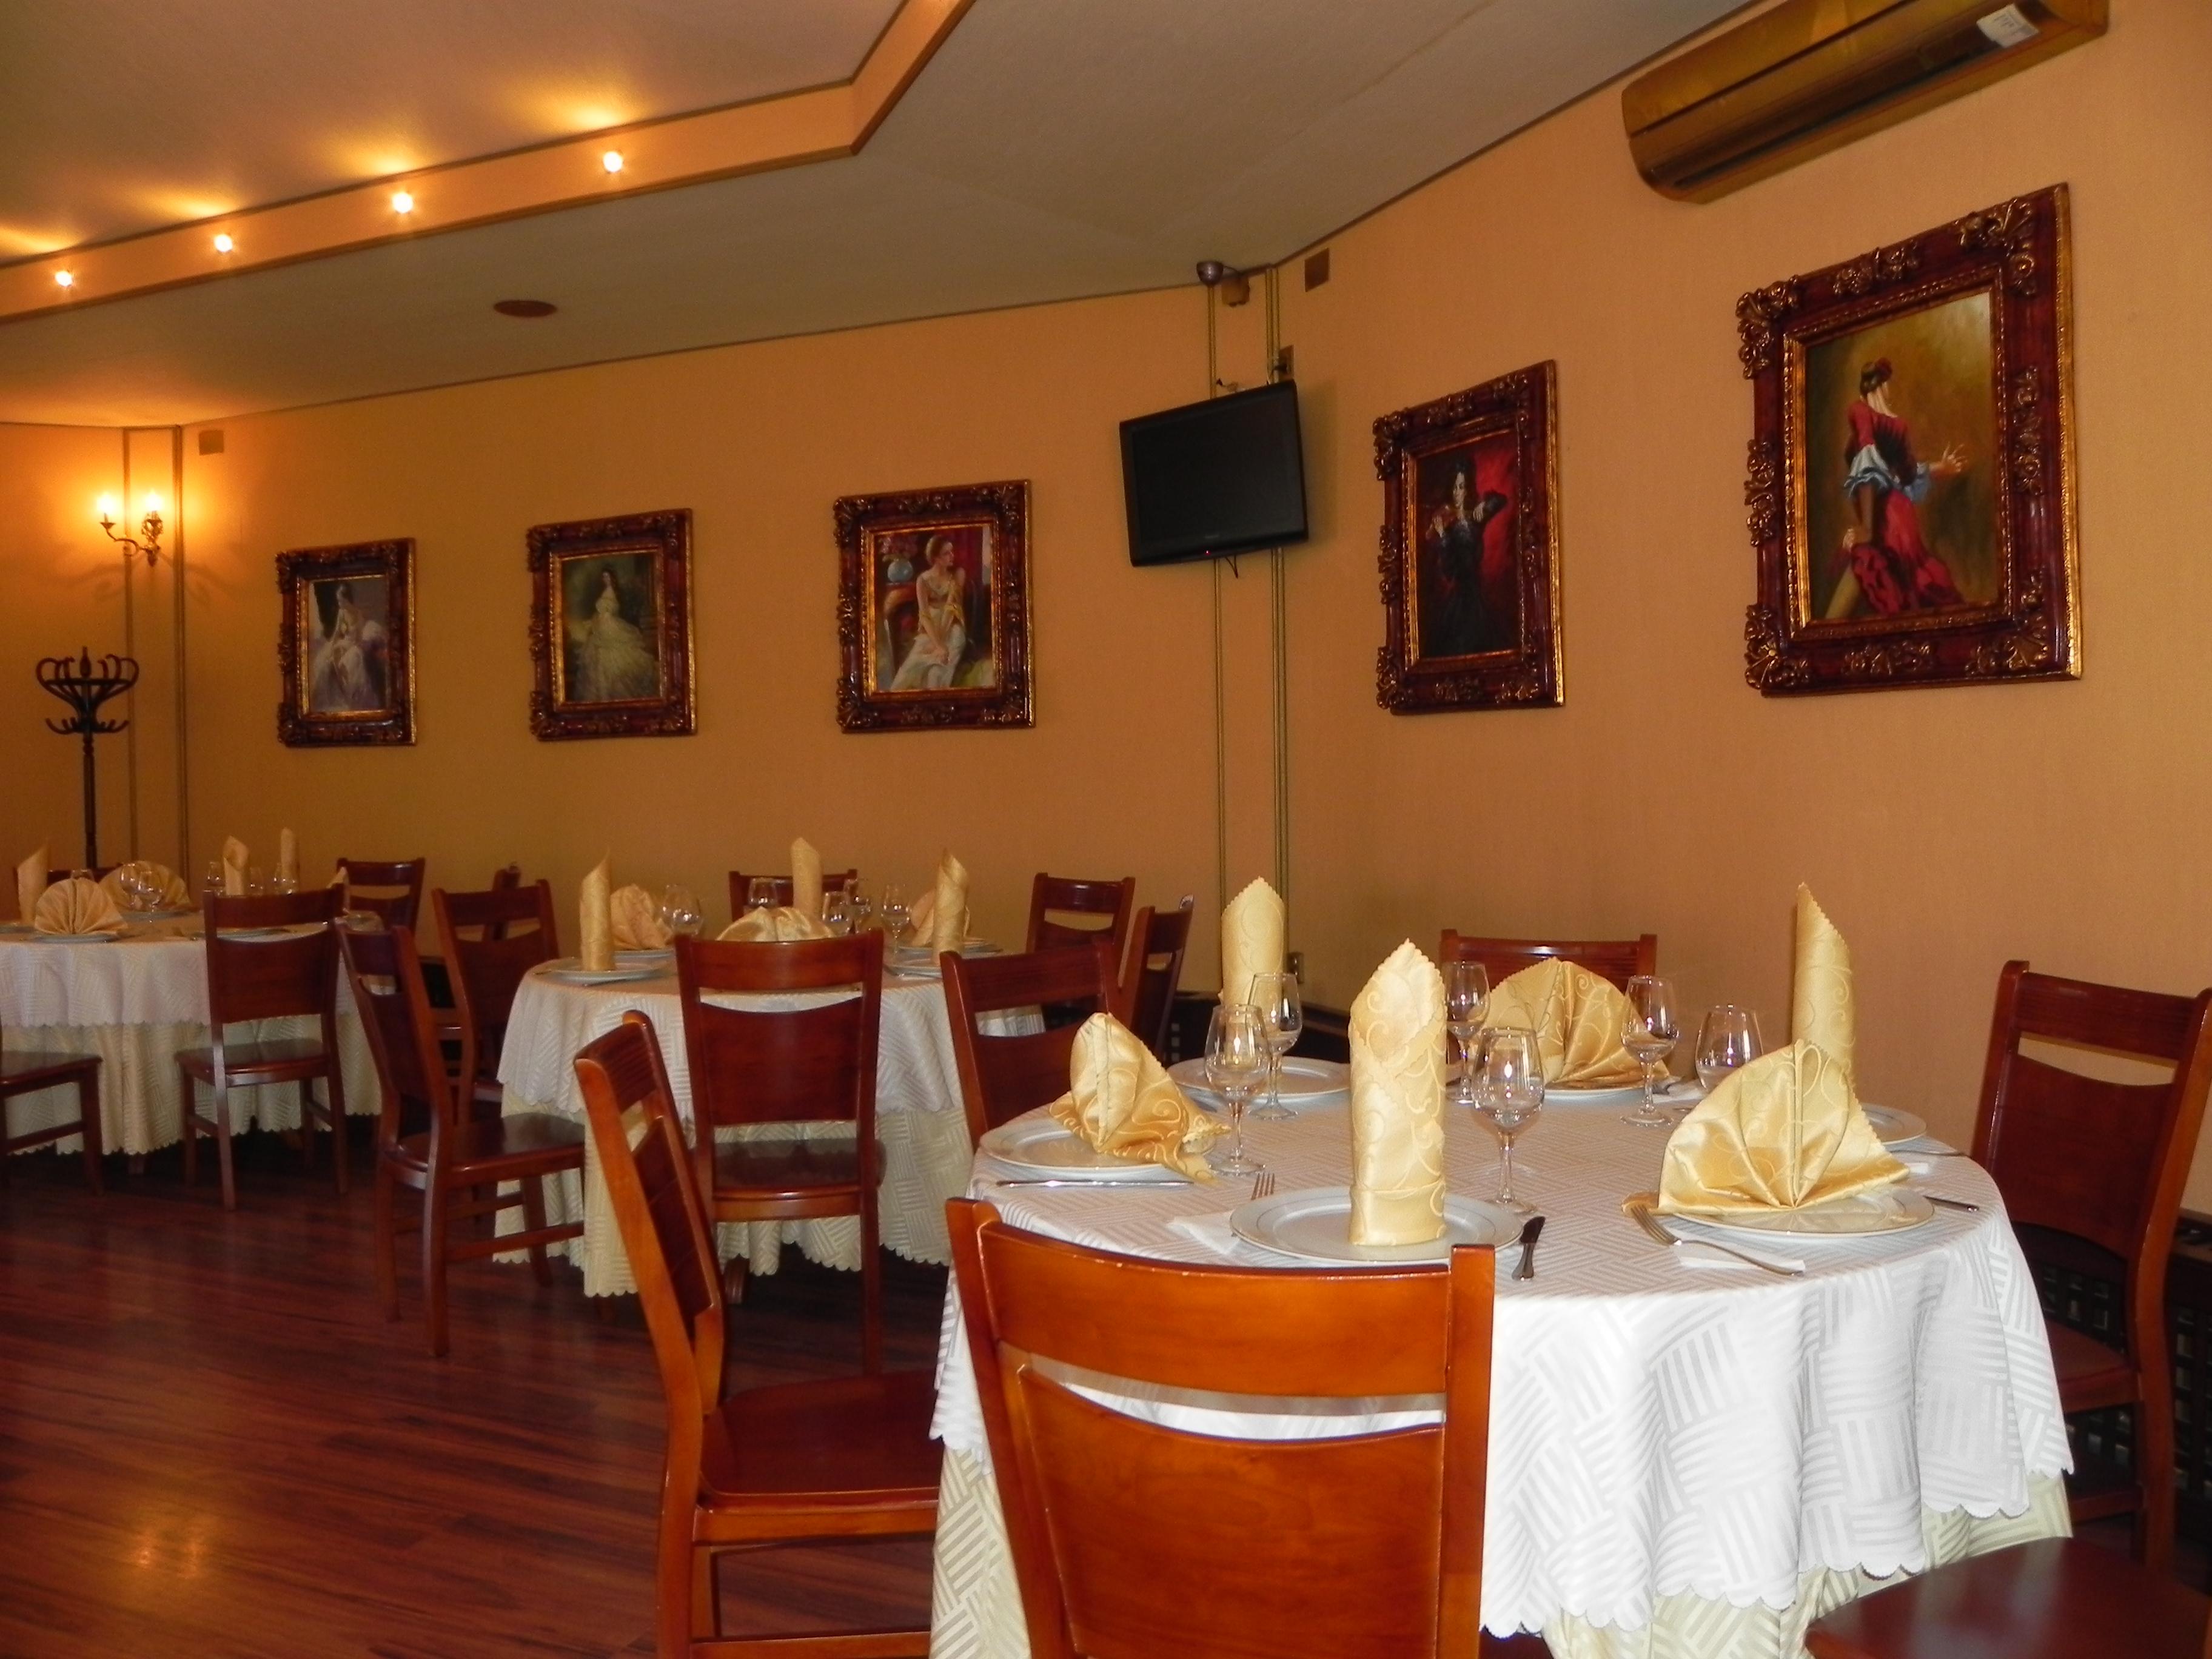 restaurant-Columna-hotel-hestia-calarasi-02